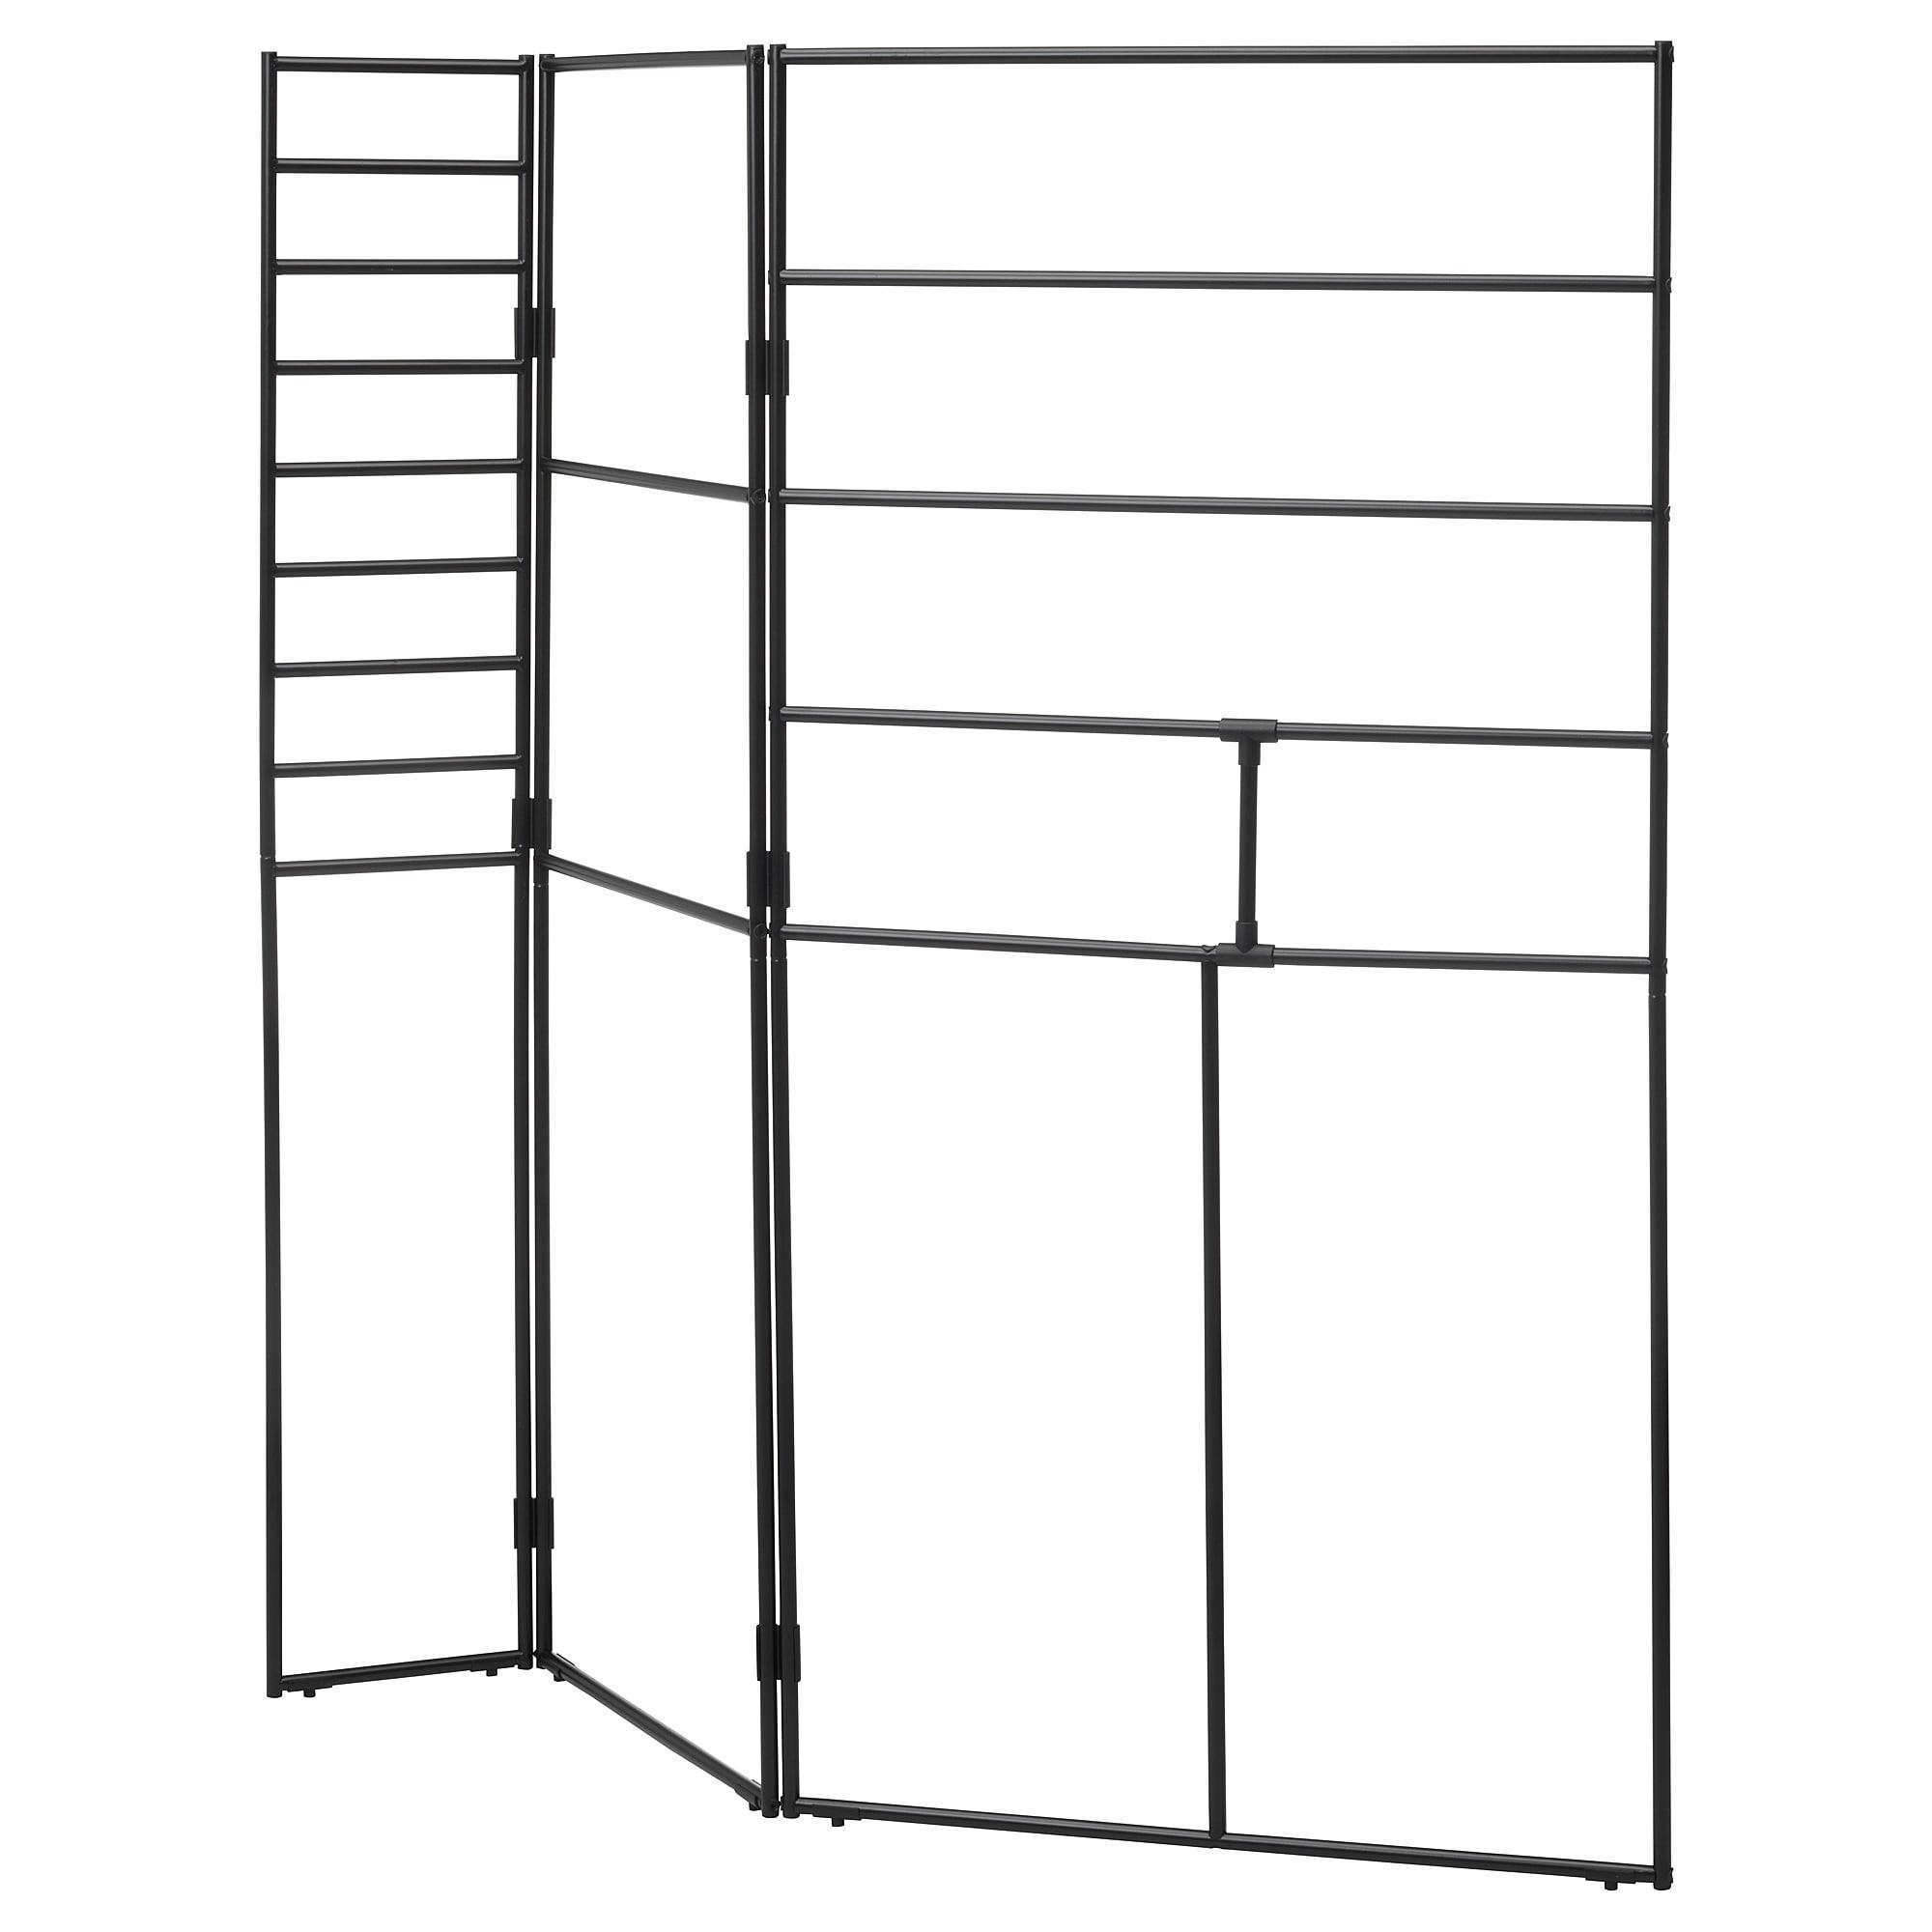 Full Size of Ikea Raumteiler Online Kaufen Mbel Suchmaschine Ladendirektde Betten 160x200 Modulküche Küche Miniküche Kosten Regal Sofa Mit Schlaffunktion Bei Wohnzimmer Ikea Raumteiler